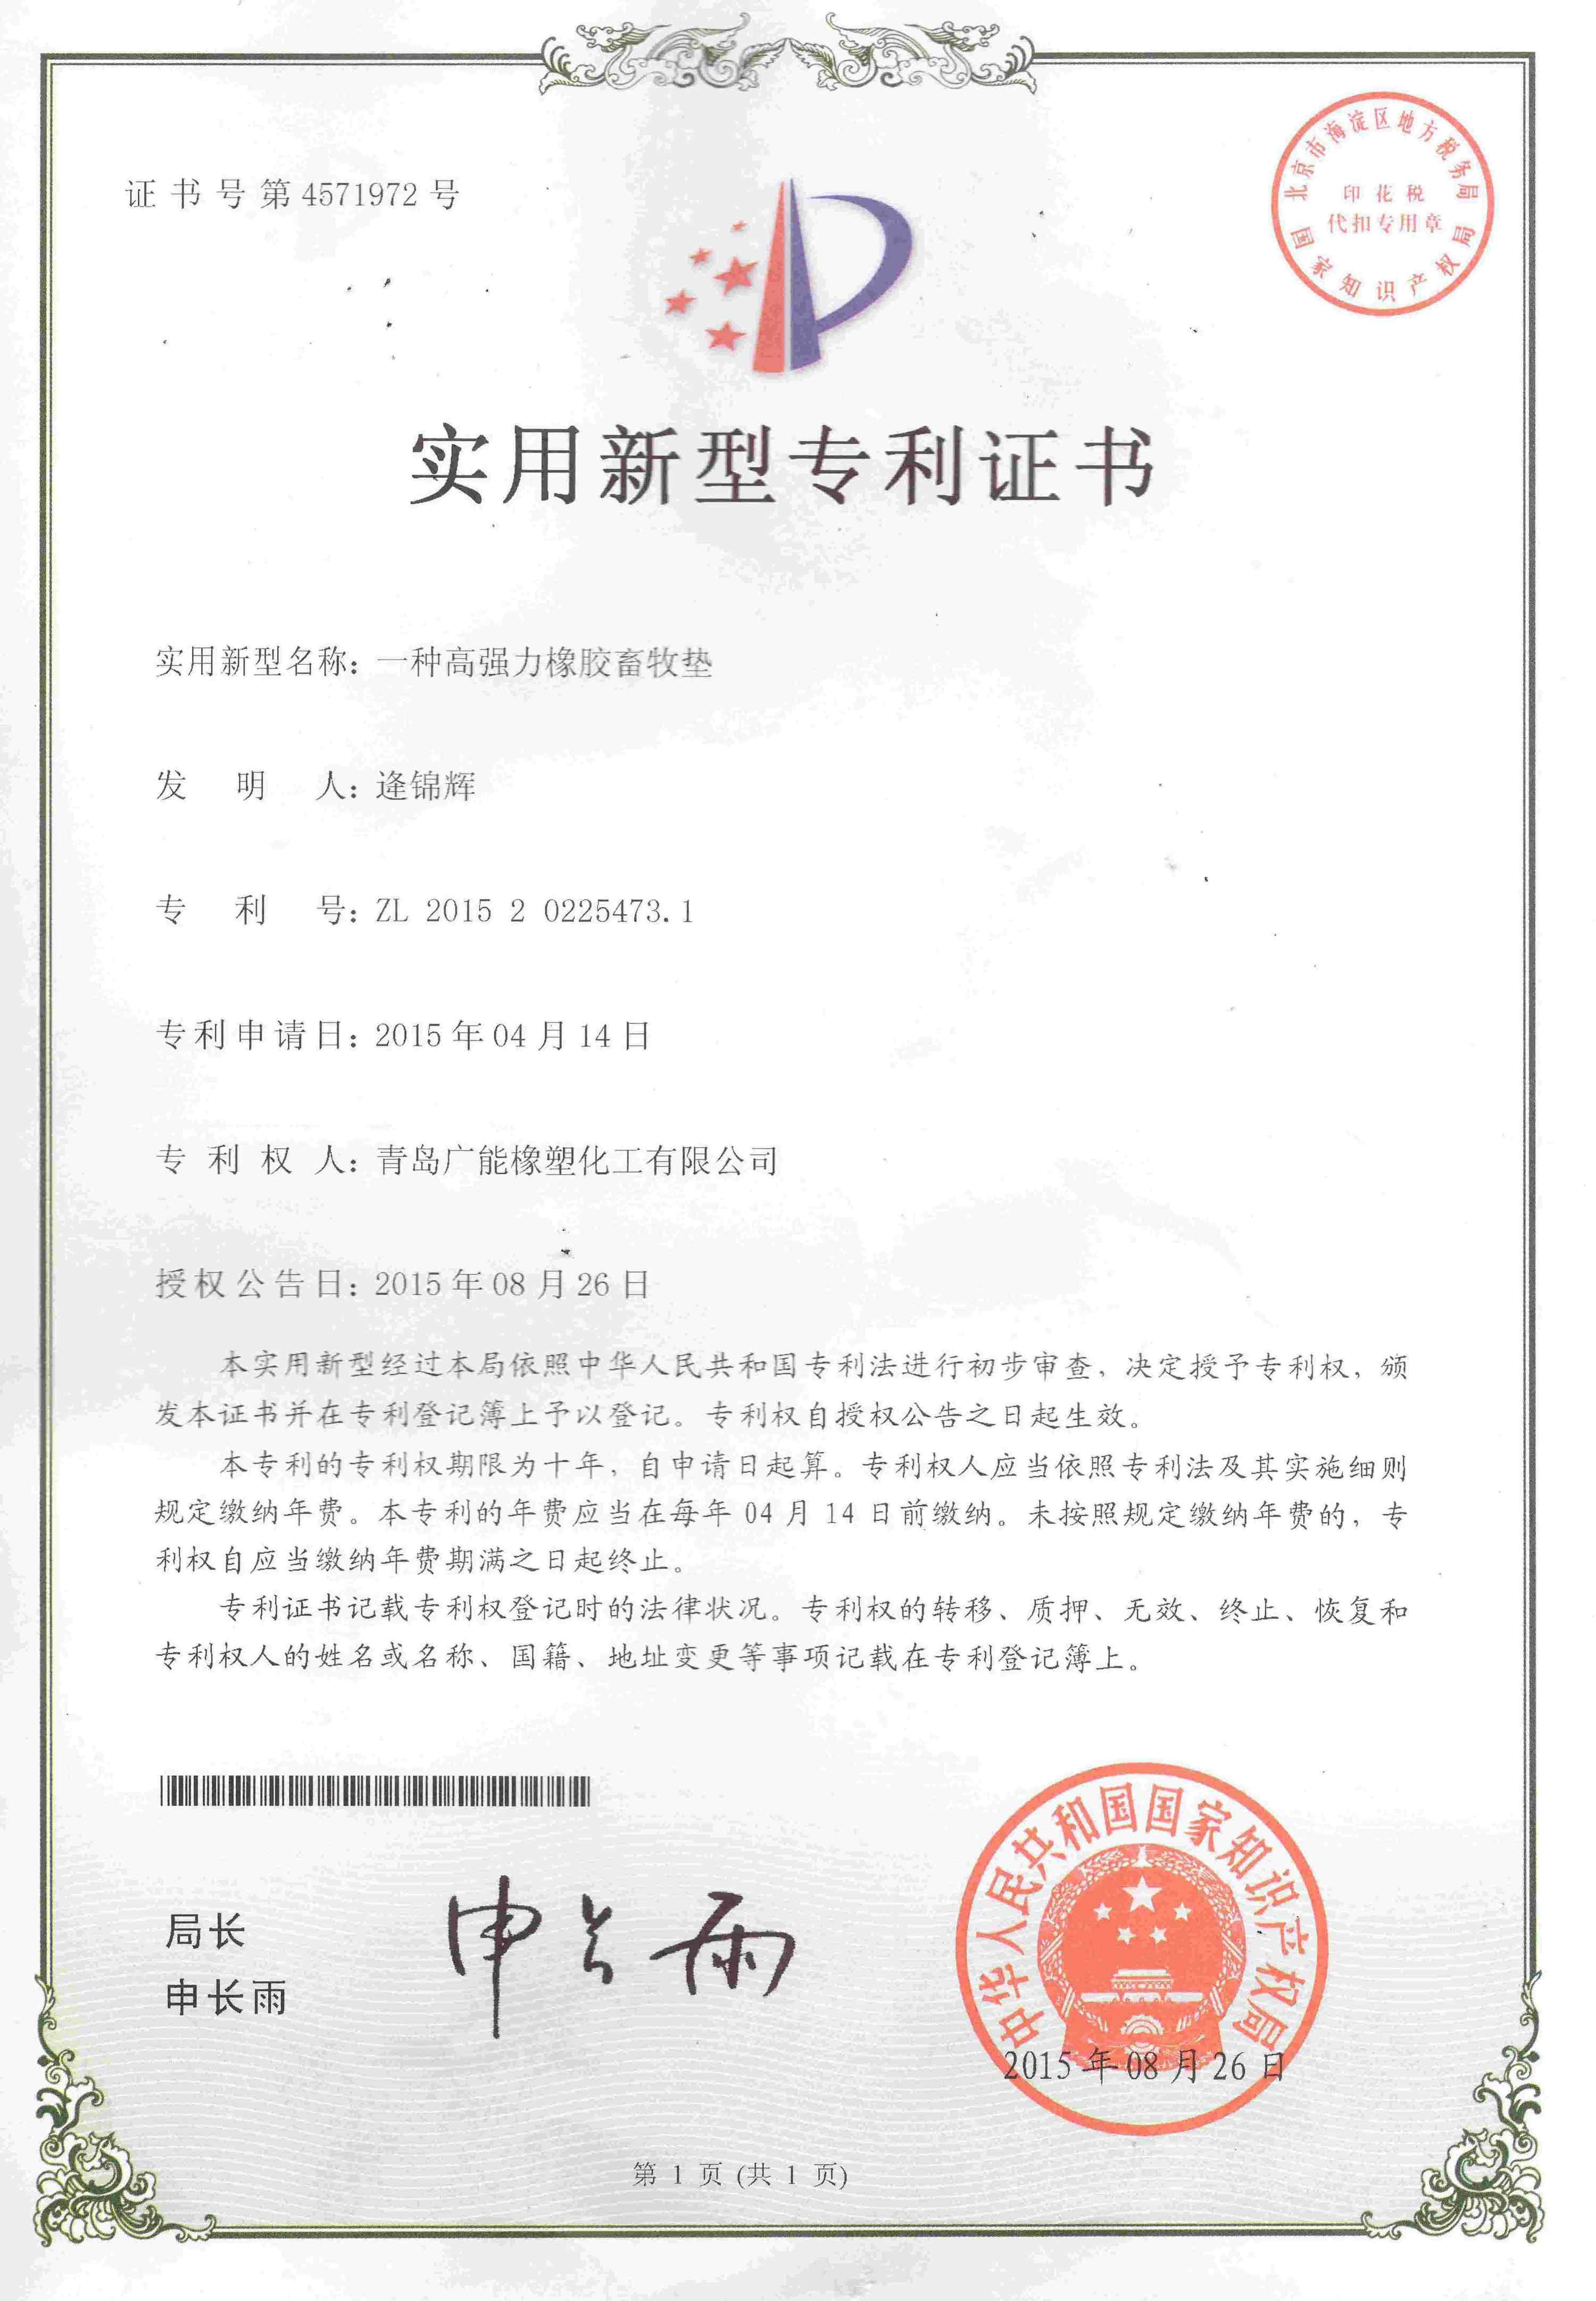 专利-一种高强力橡胶畜牧垫